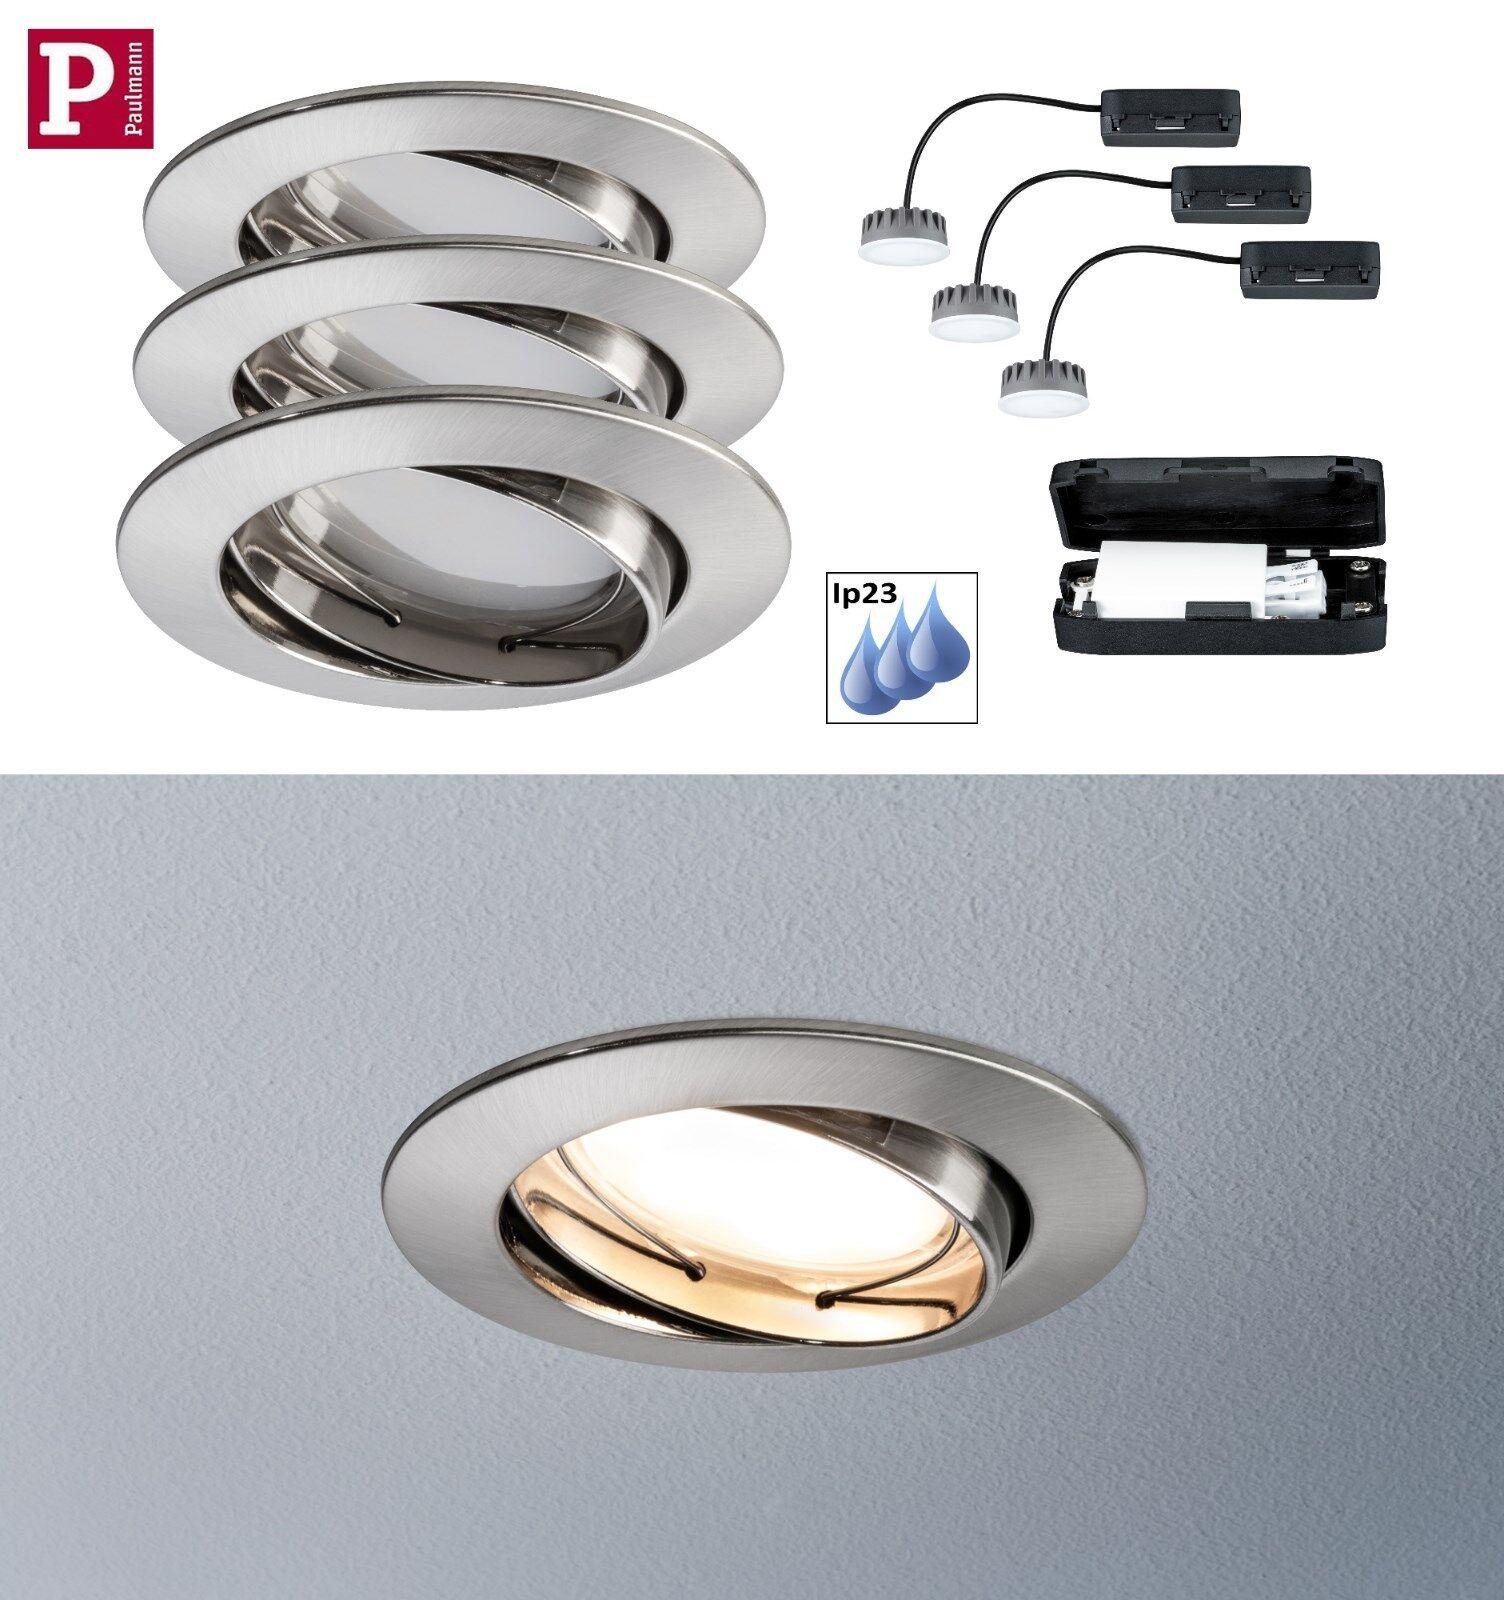 PAULMANN EBL LED LED LED Coin satin 3x6,8W Eisen IP23 nur 3cm Einbautiefe   Sehr gute Qualität    Spielzeugwelt, spielen Sie Ihre eigene Welt    Vogue  253dfe